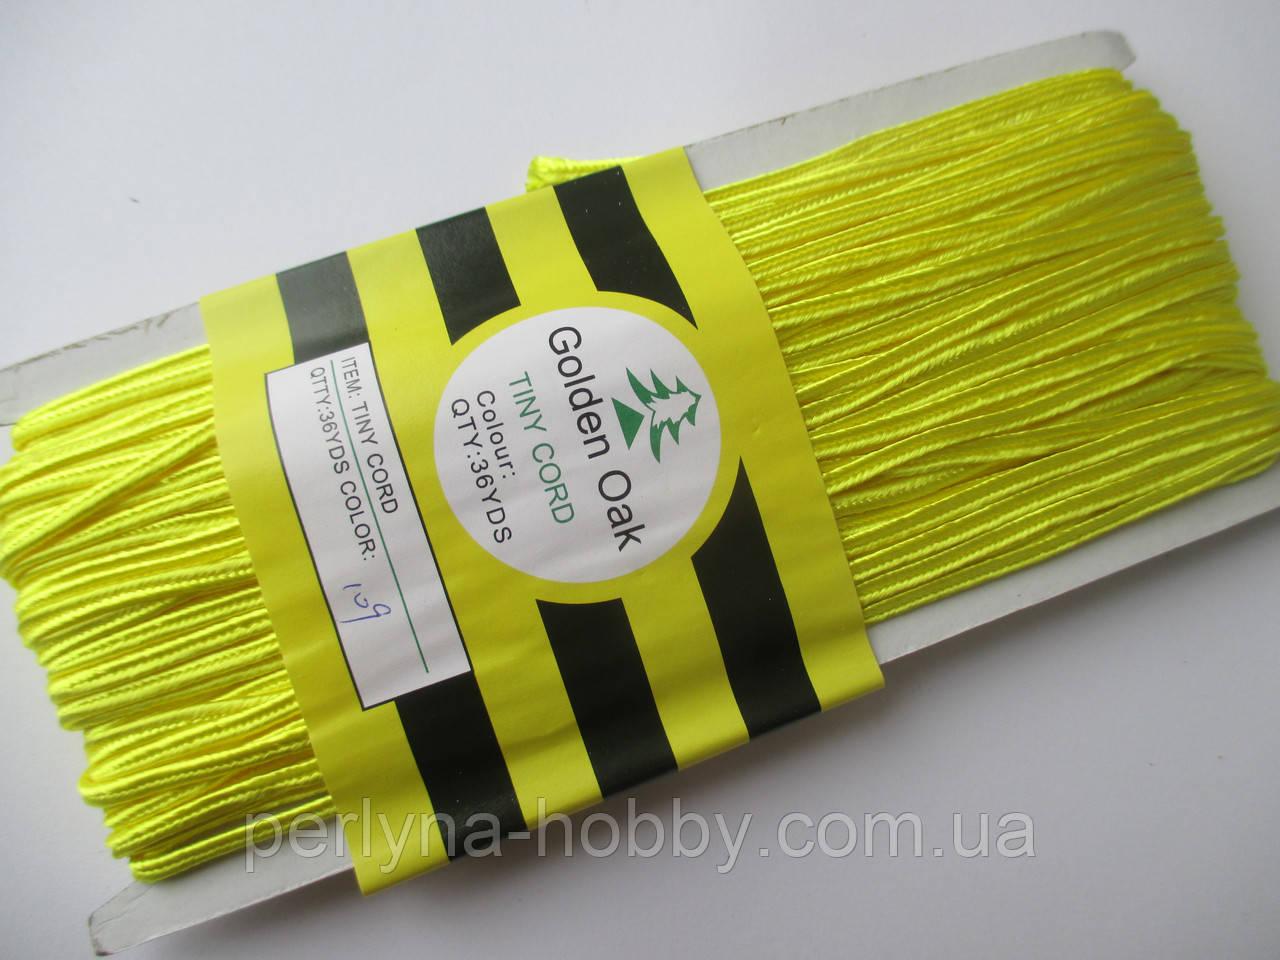 Сутажный шнур Сутаж 3 мм, жовтий лимонний 109